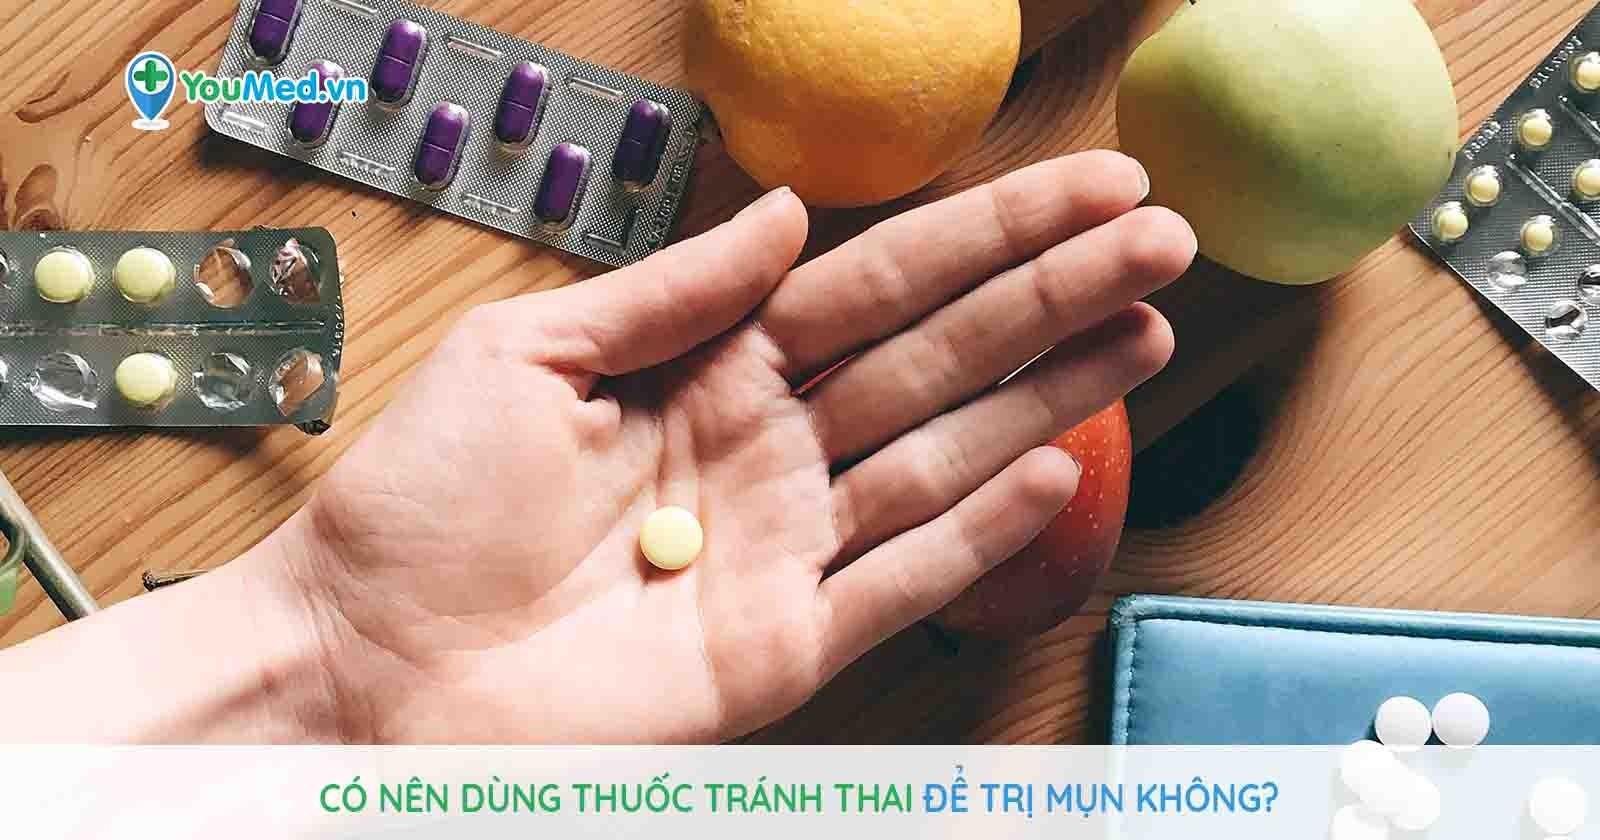 Có nên dùng thuốc tránh thai để trị mụn không